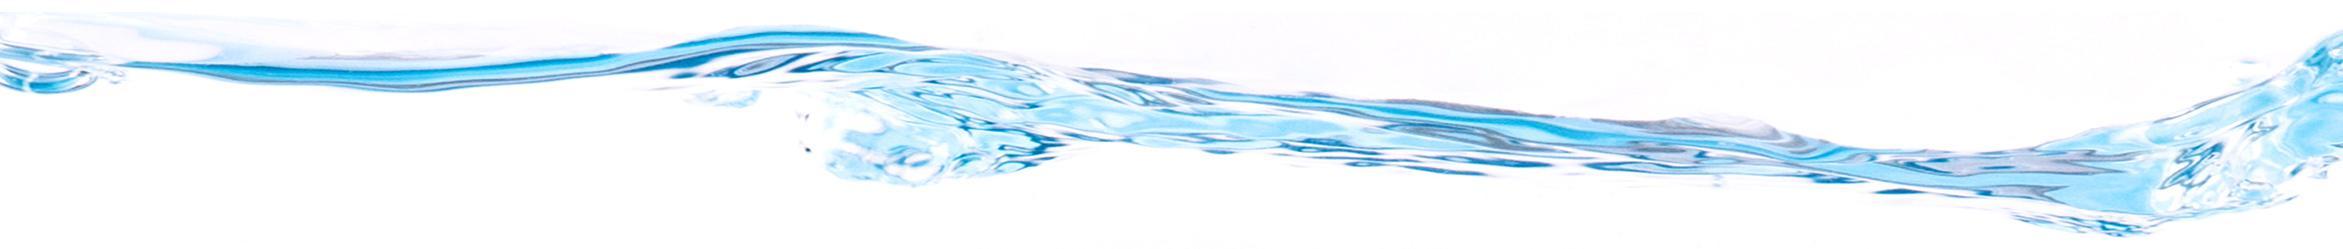 Фотография с водой